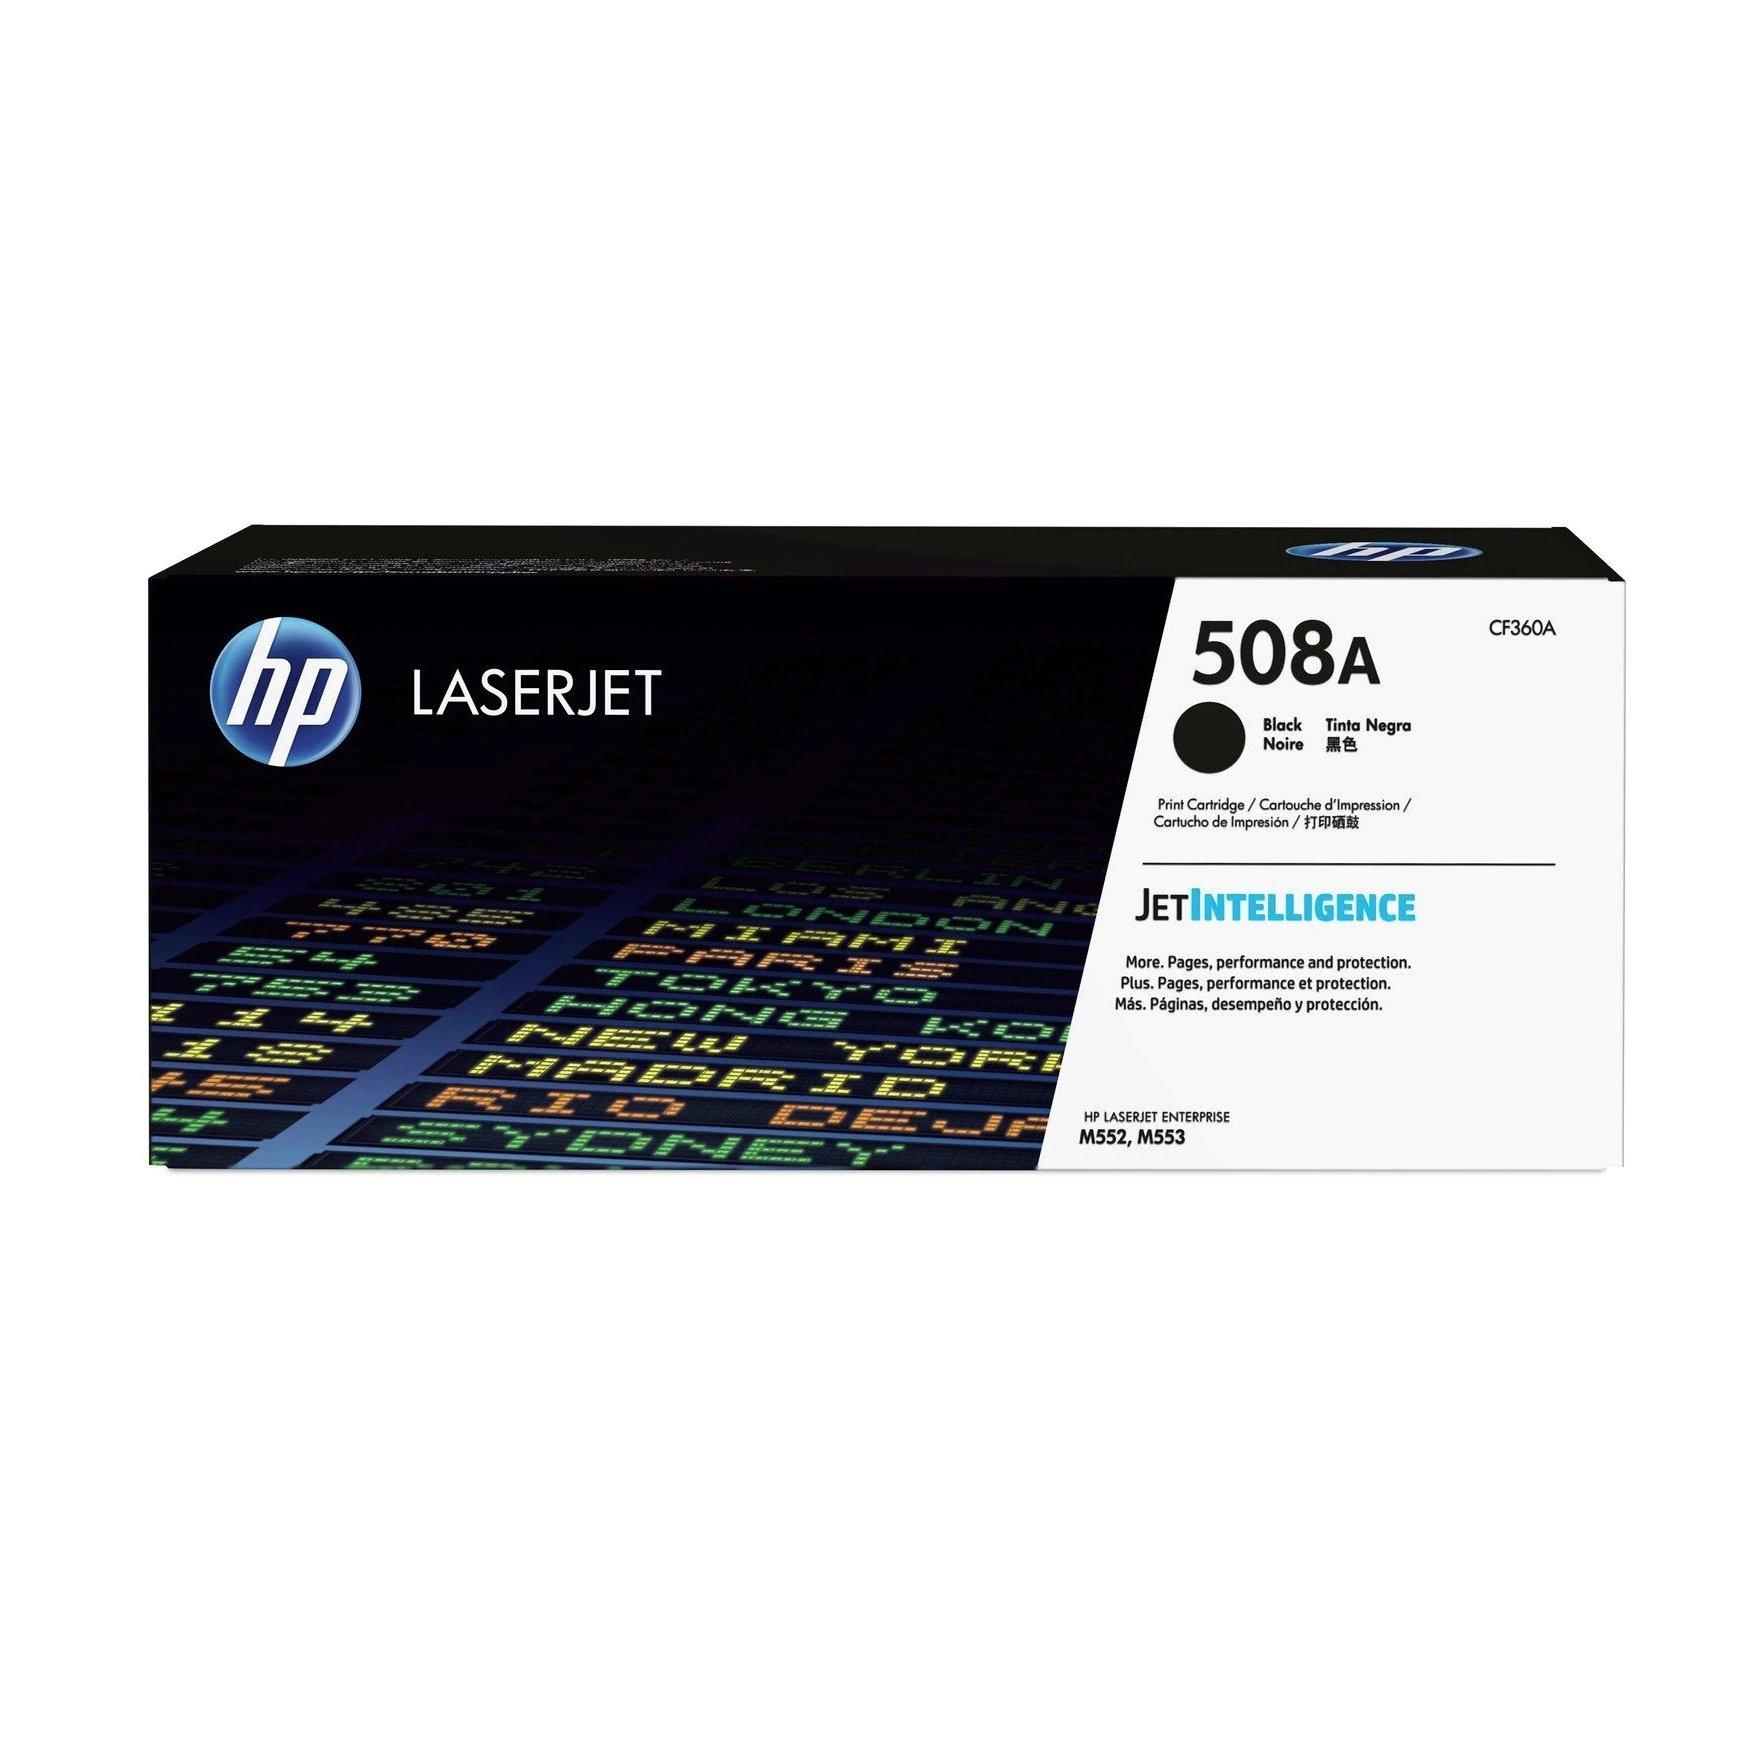 Hewlett Packard [HP] 508A LaserJet Toner Cartridge Page Life 6000pp Black Ref CF360A